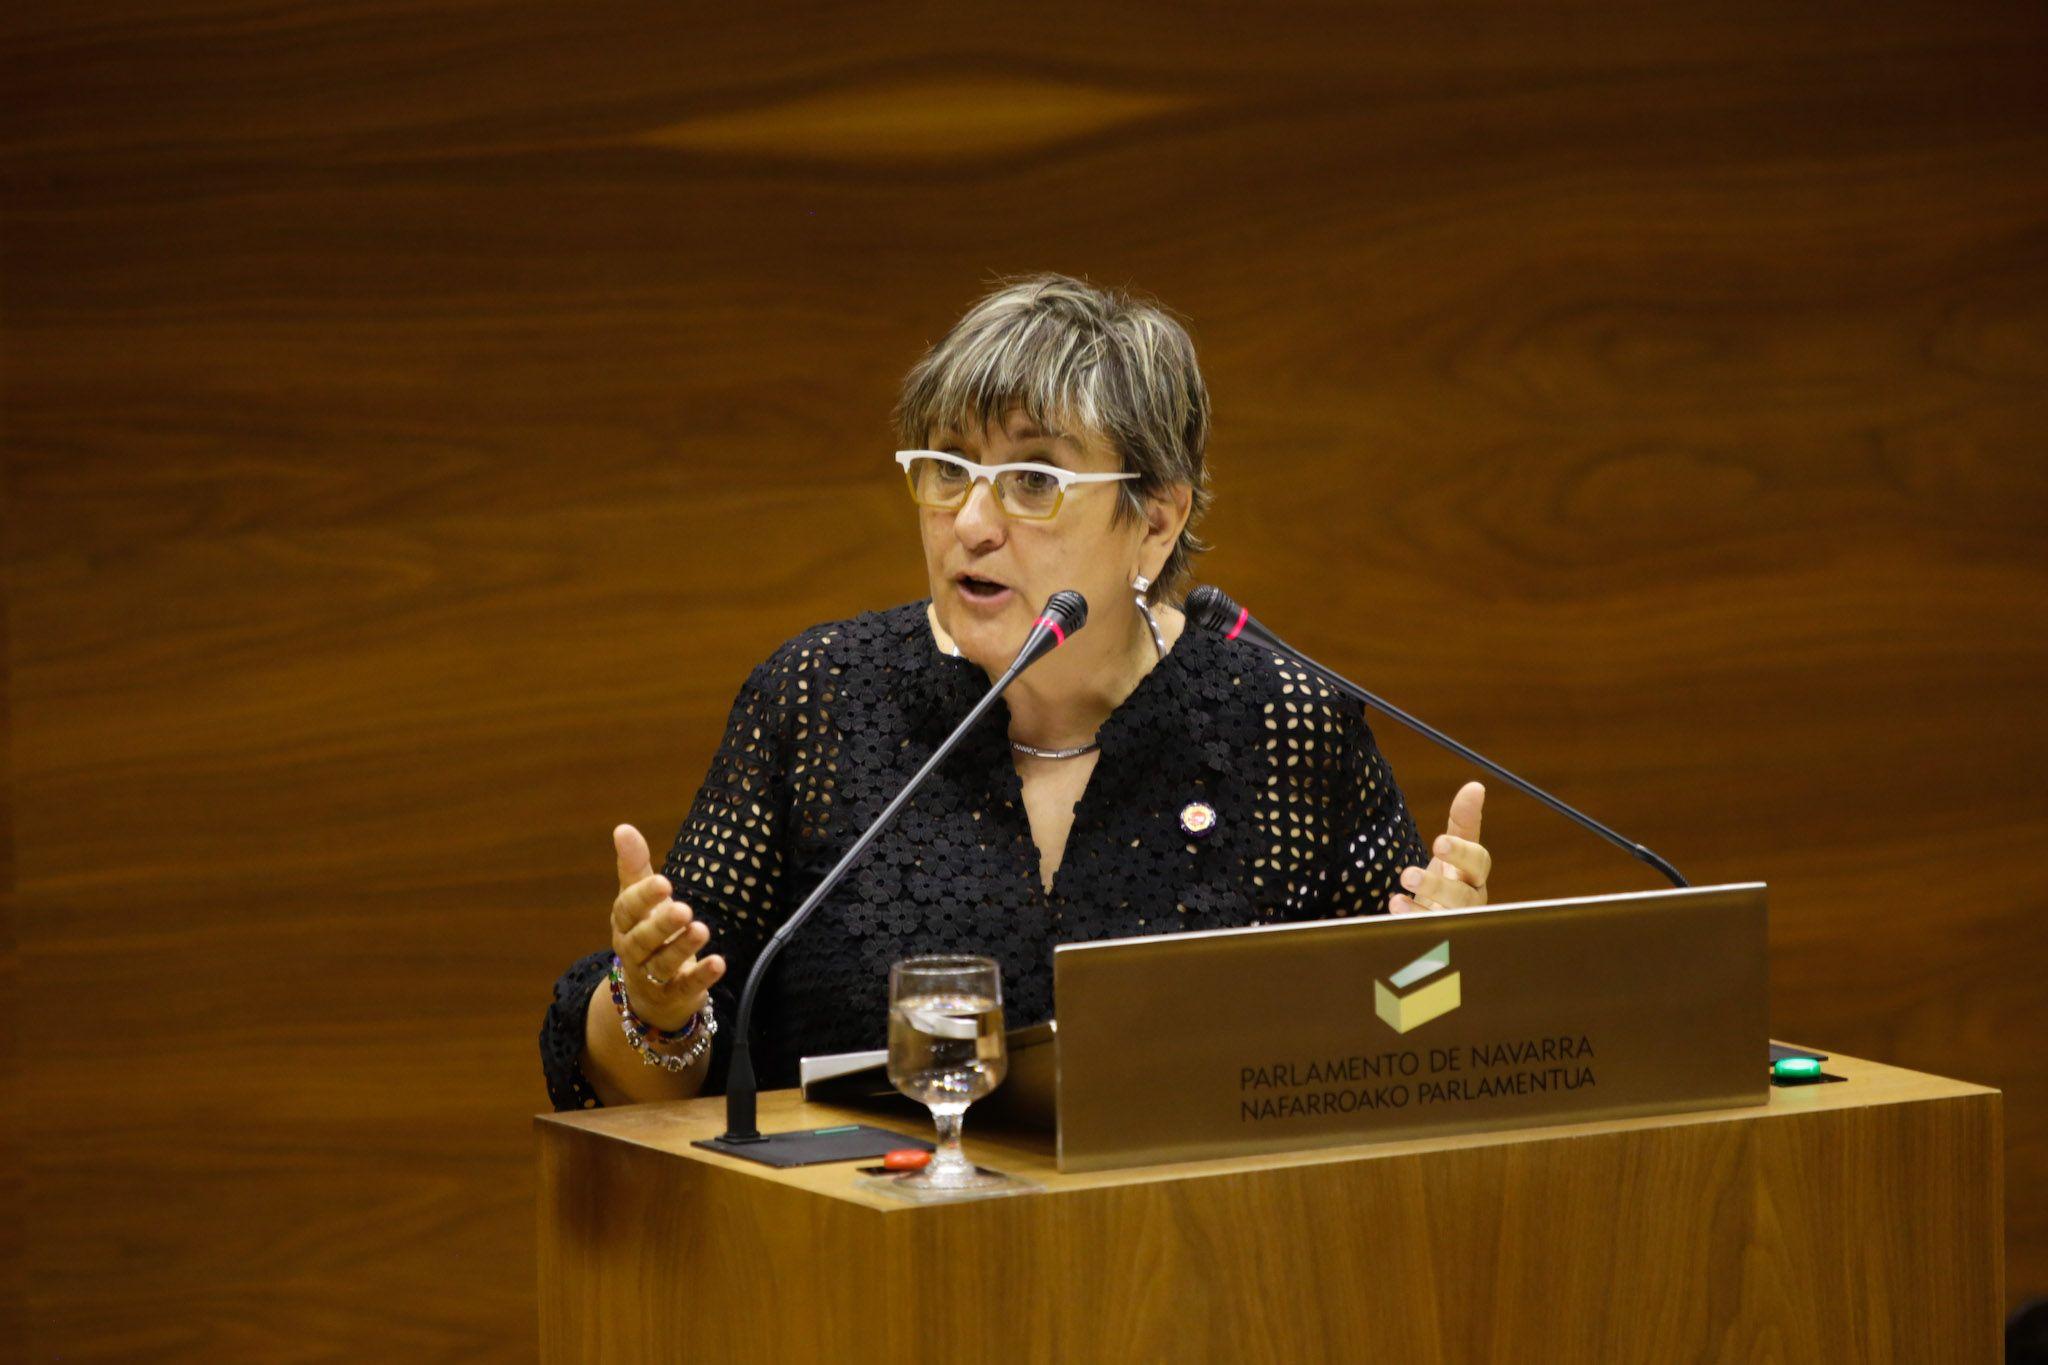 Marisa De Simón valora positivamente la clara tendencia de crecimiento que refleja el Navarrómetro